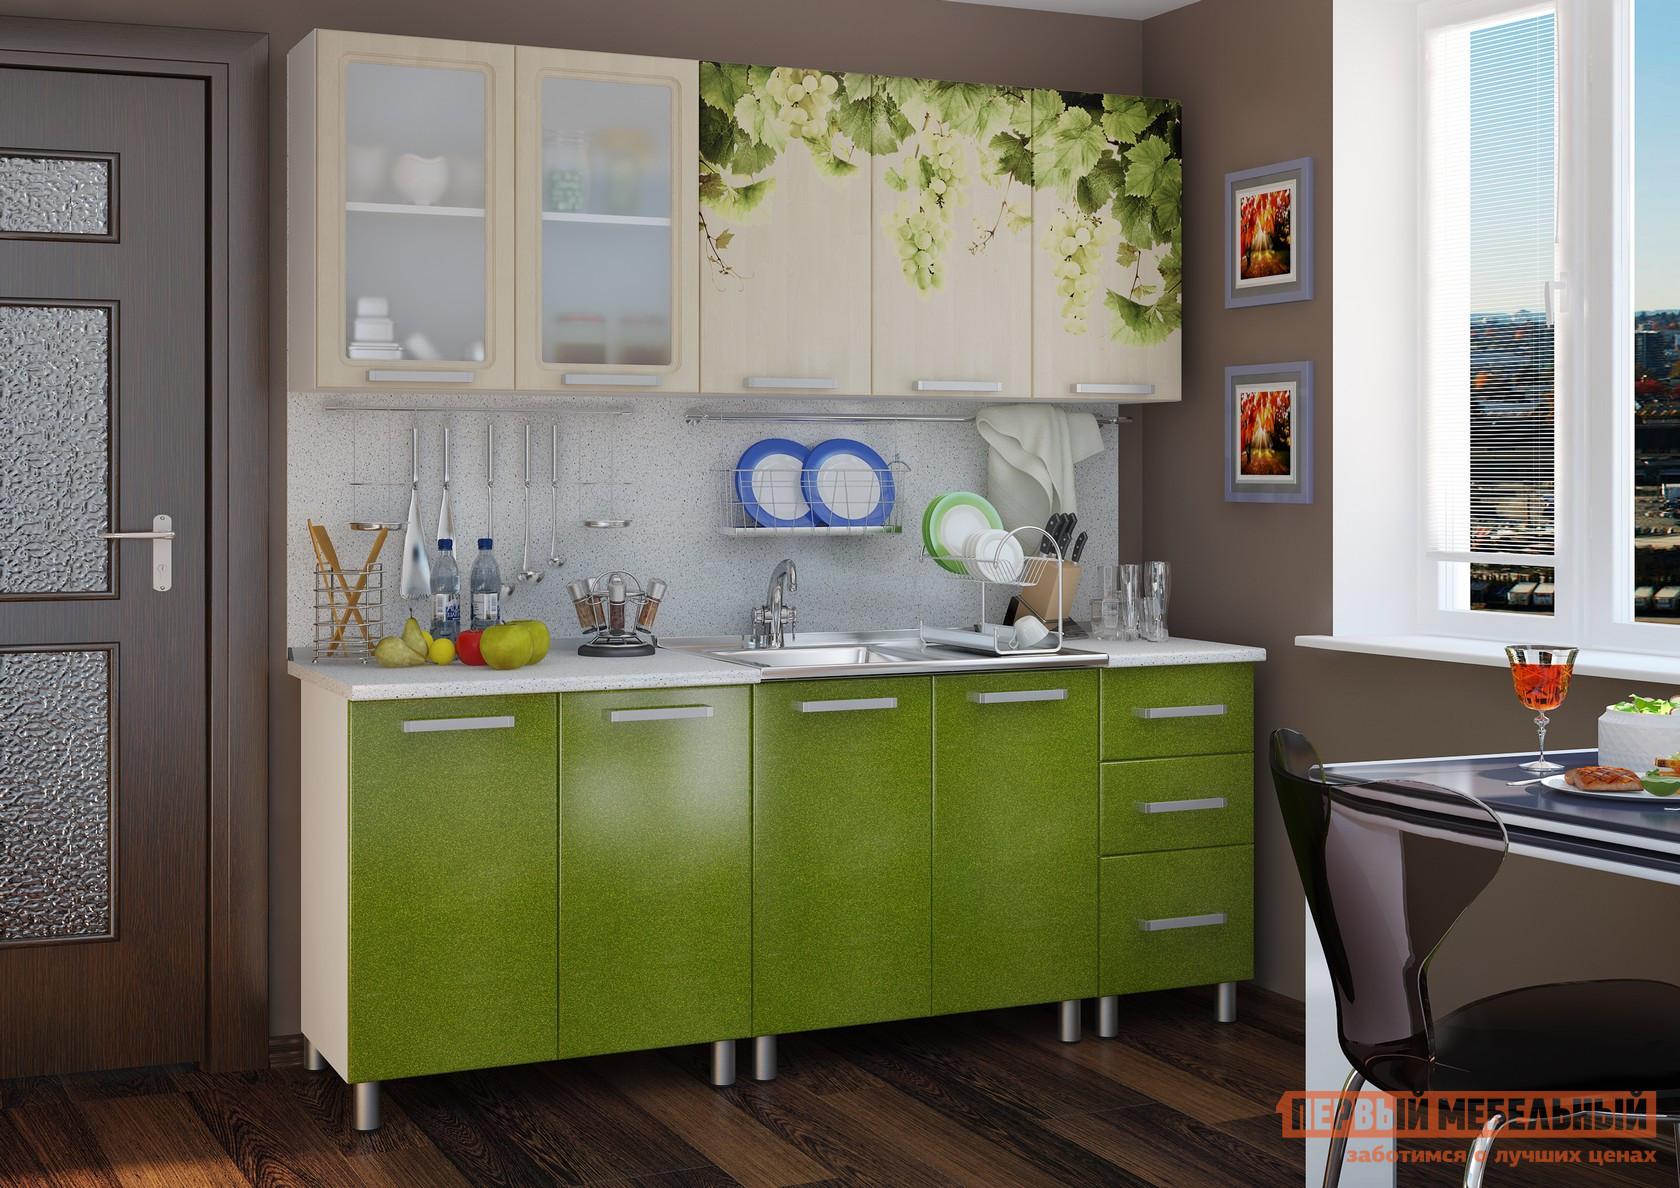 Кухонный гарнитур Первый Мебельный Лоза Люкс 200 см кухонный гарнитур трия оливия 240 см